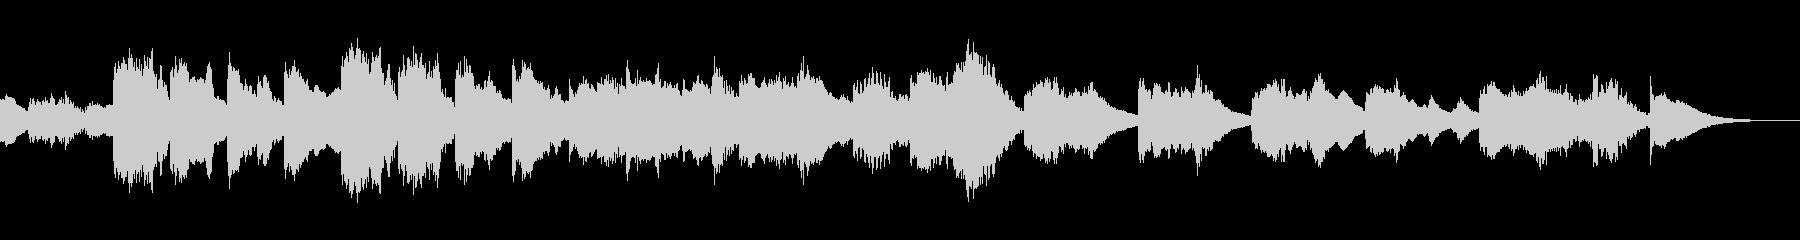 アニメ風の怪しくコミカルなマリンバの曲の未再生の波形